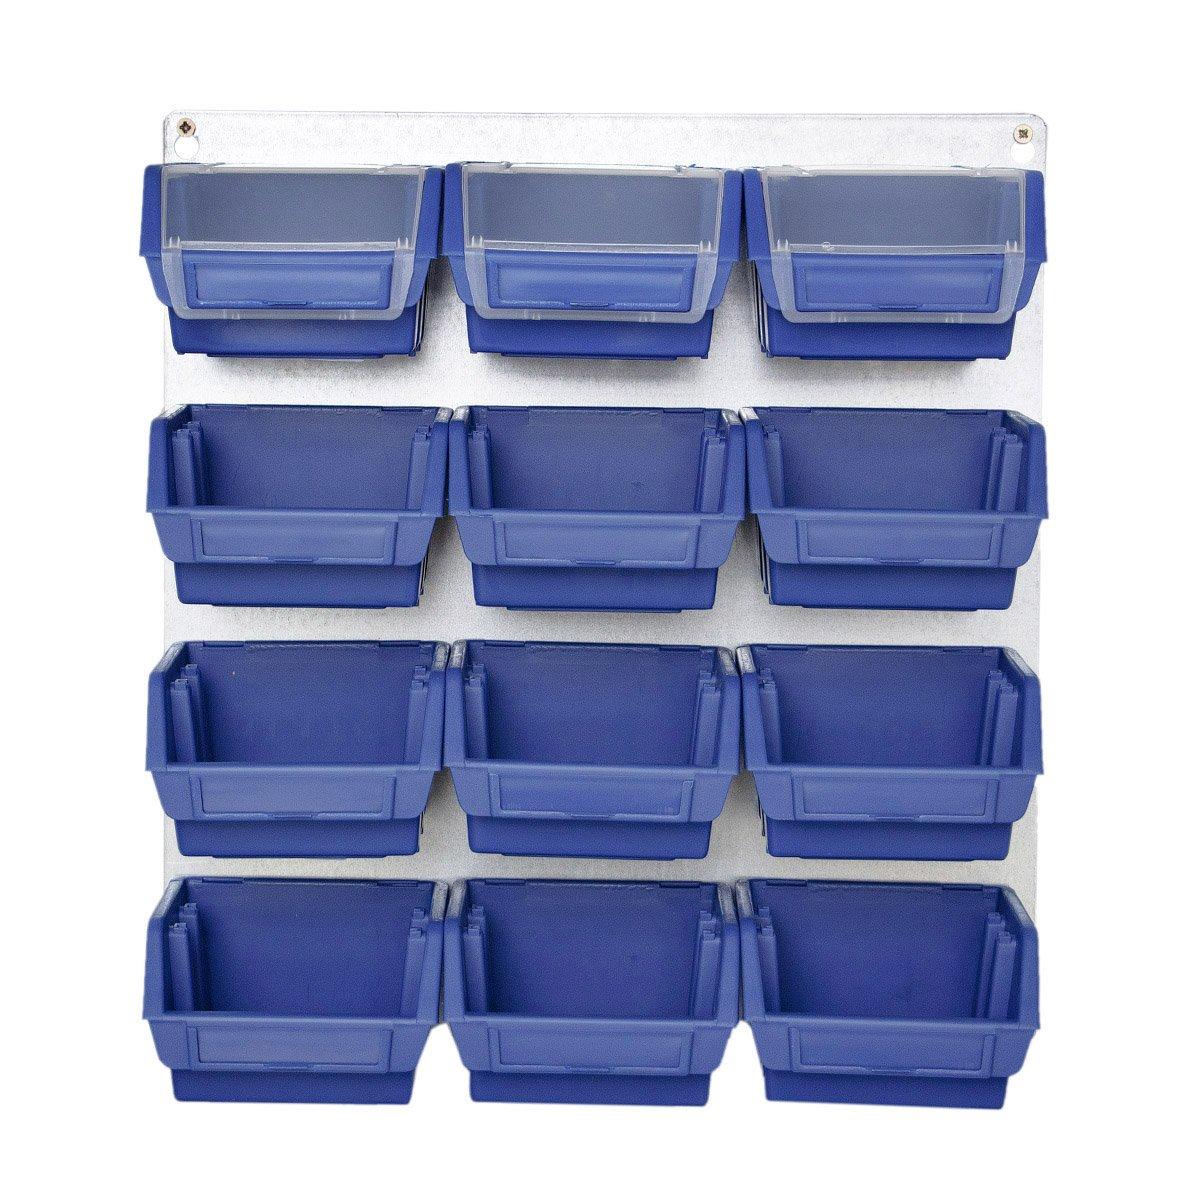 Blau Metallhalterung Halterung Metall Wandregal Schraubenkisten 13 tlg mit Stapelboxen Werkstattwand myBoxshop PL1-9971